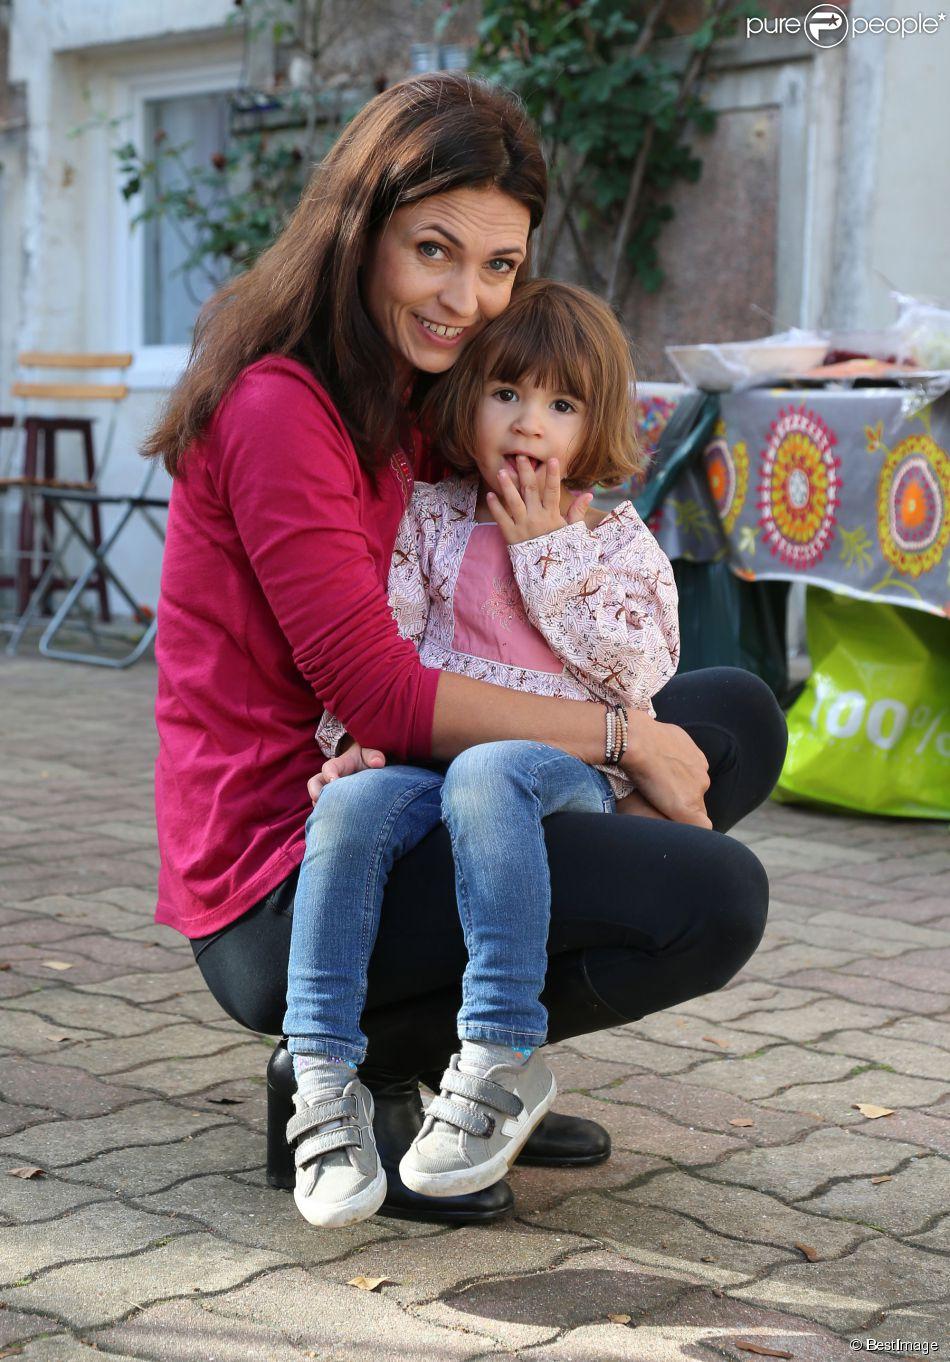 Exclusif : Adeline Blondieau et sa fille Wilona posent lors de l'enregistrement des Contes de Tiji pour la chaîne de télévision Tiji à Montigny Les Cormeilles, le 31 octobre 2014.